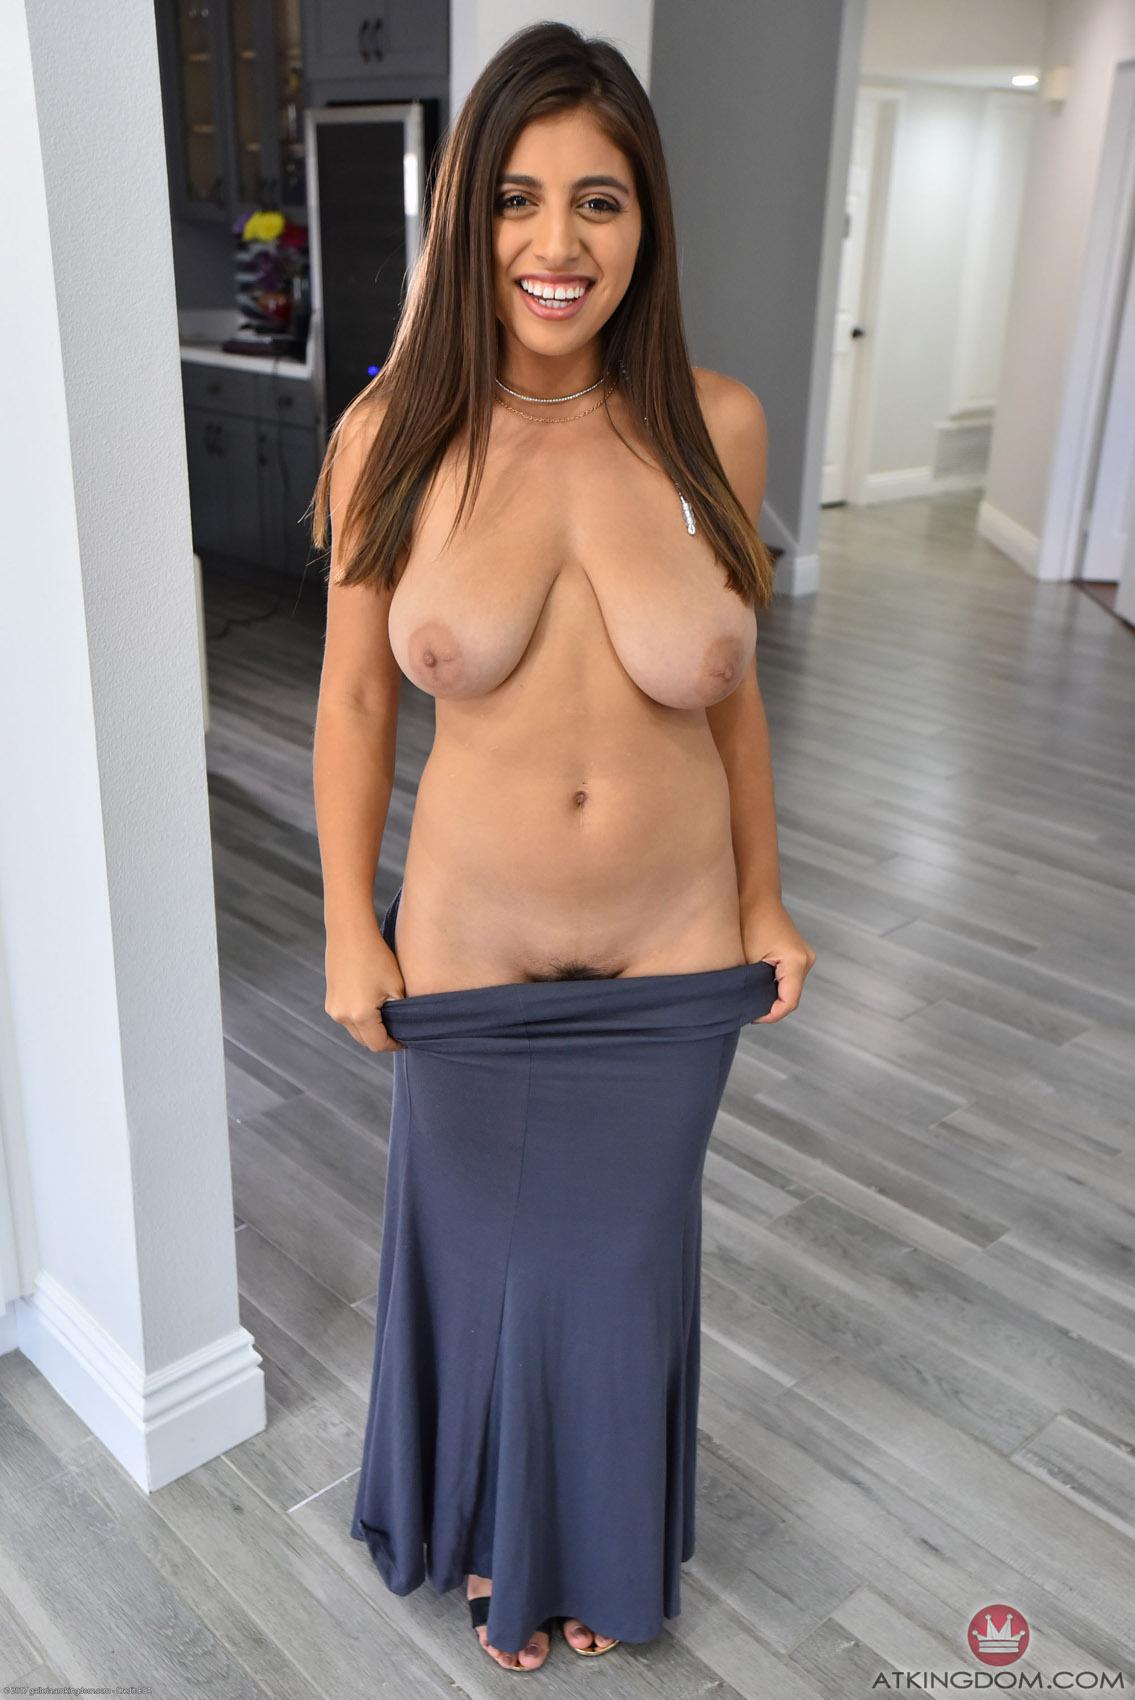 Latina busty nude